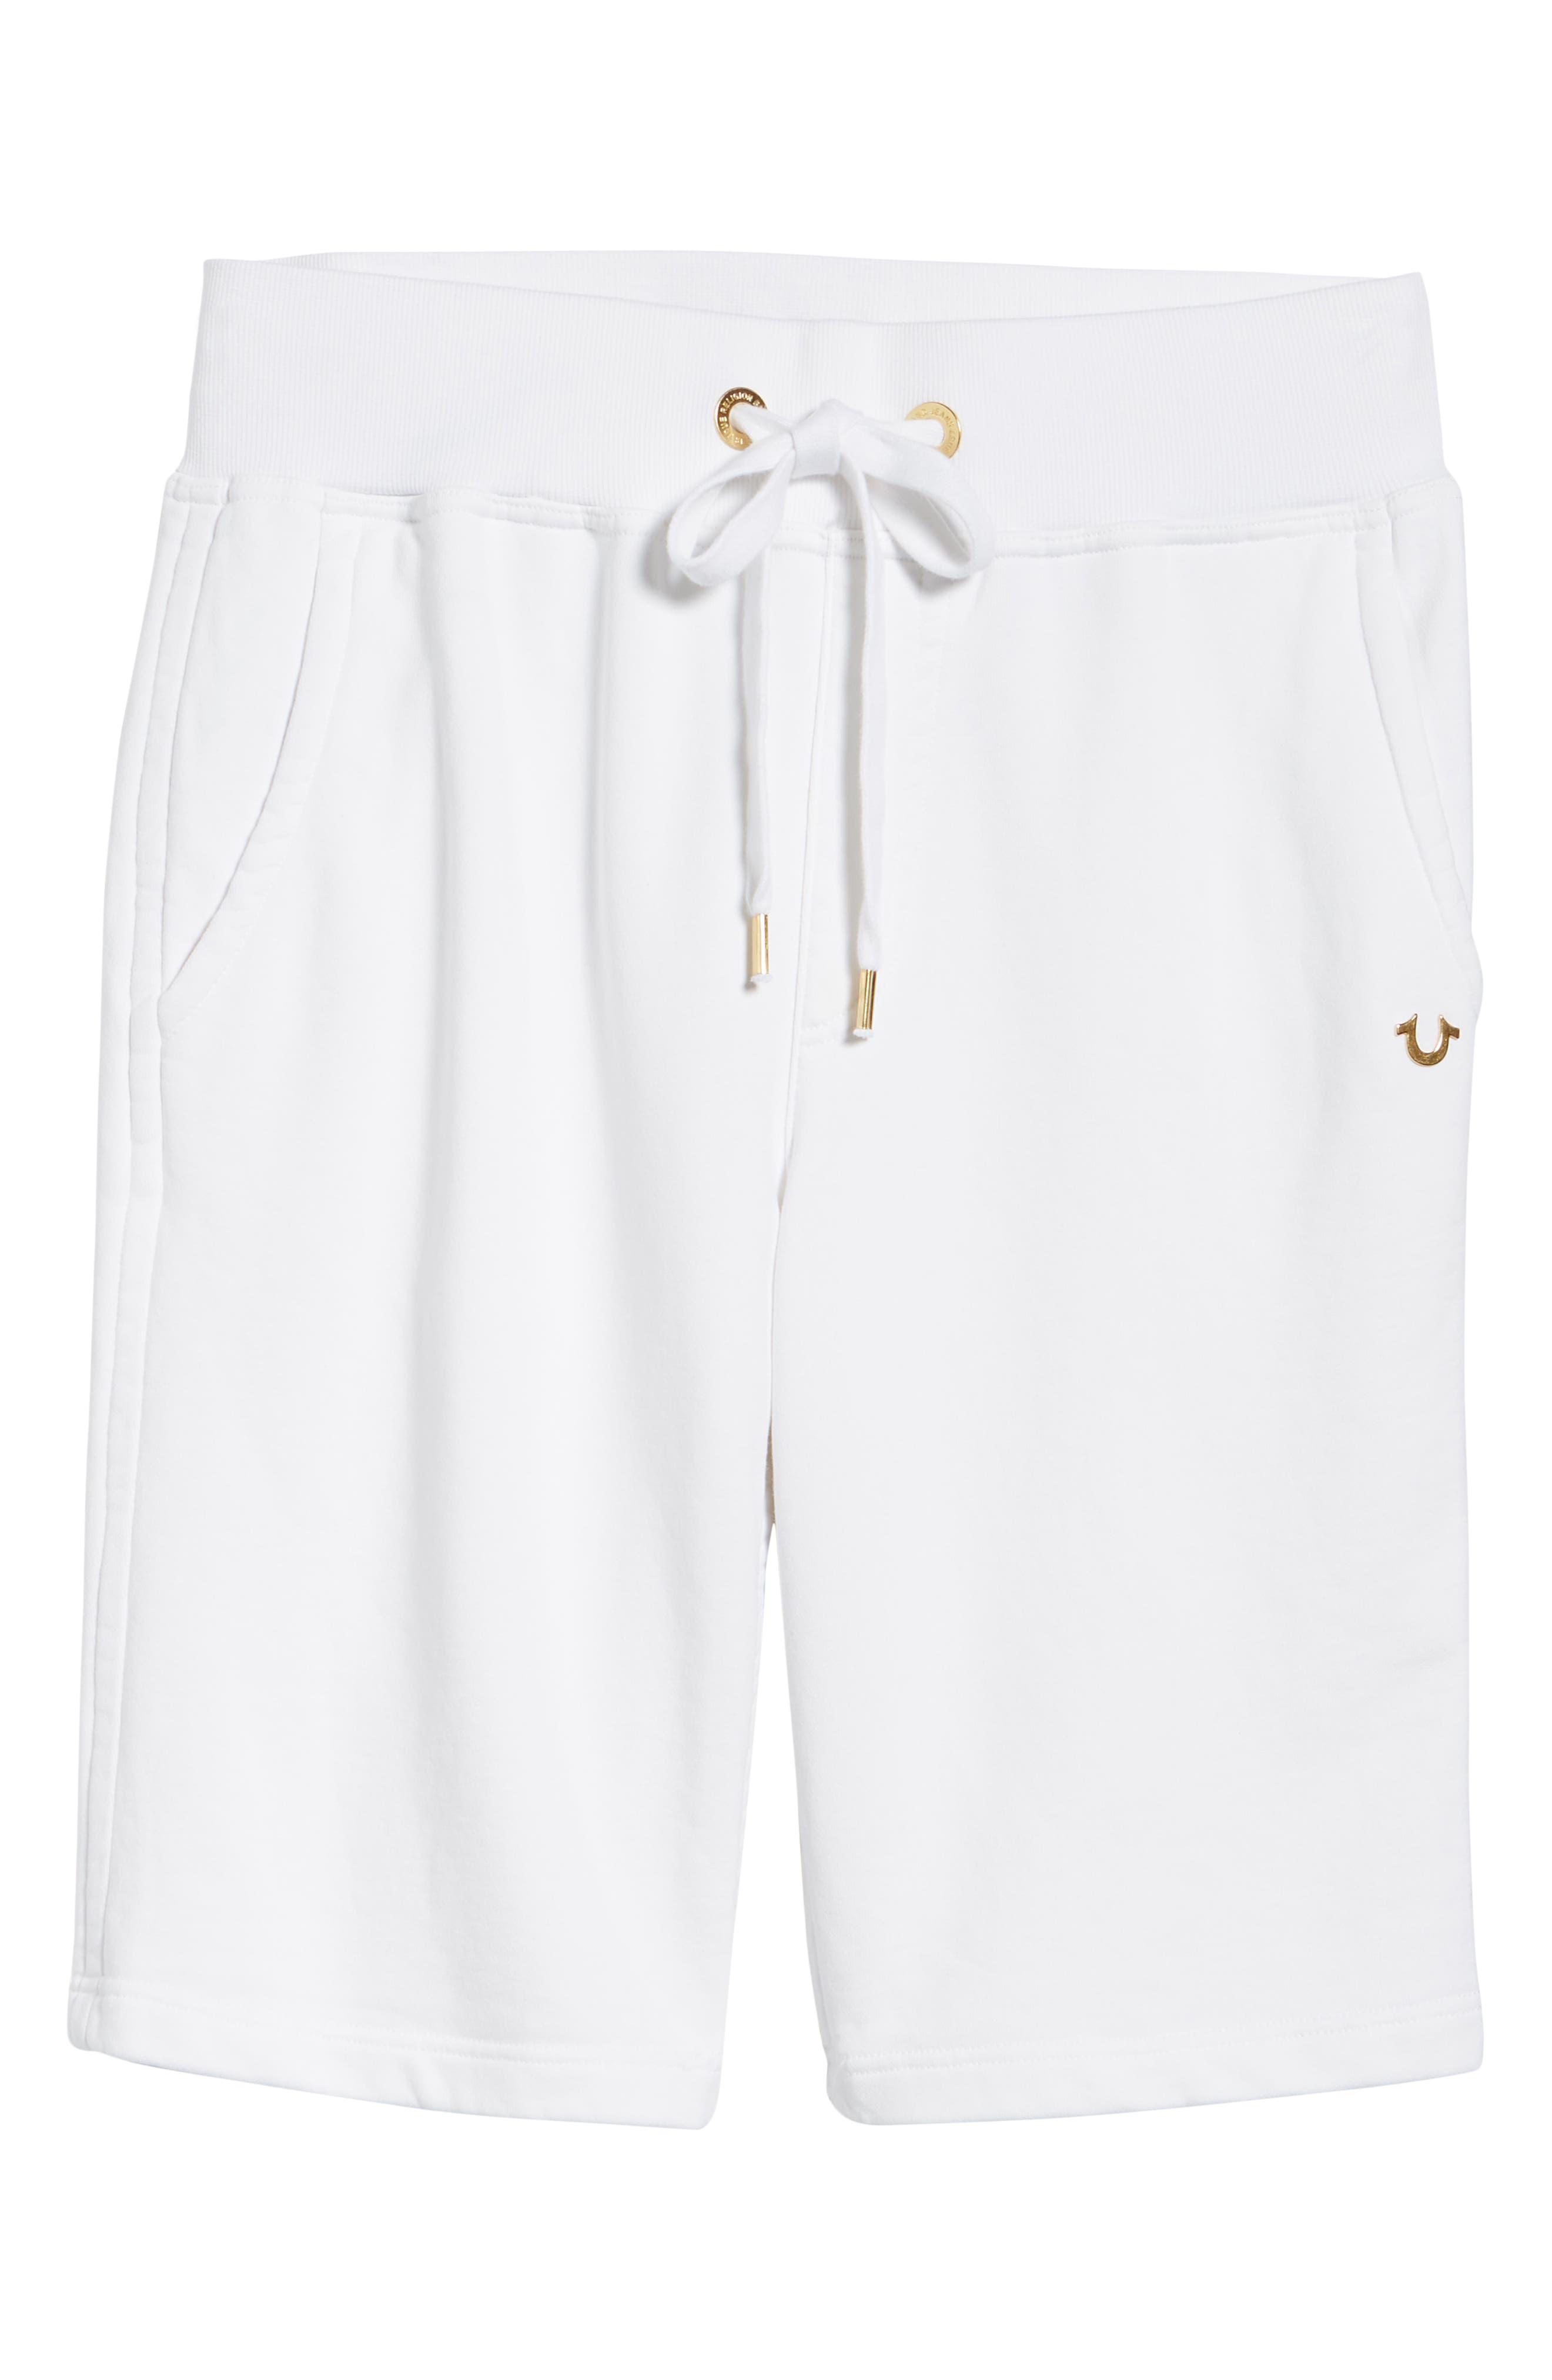 Core Shorts,                             Alternate thumbnail 6, color,                             SOFT WHITE